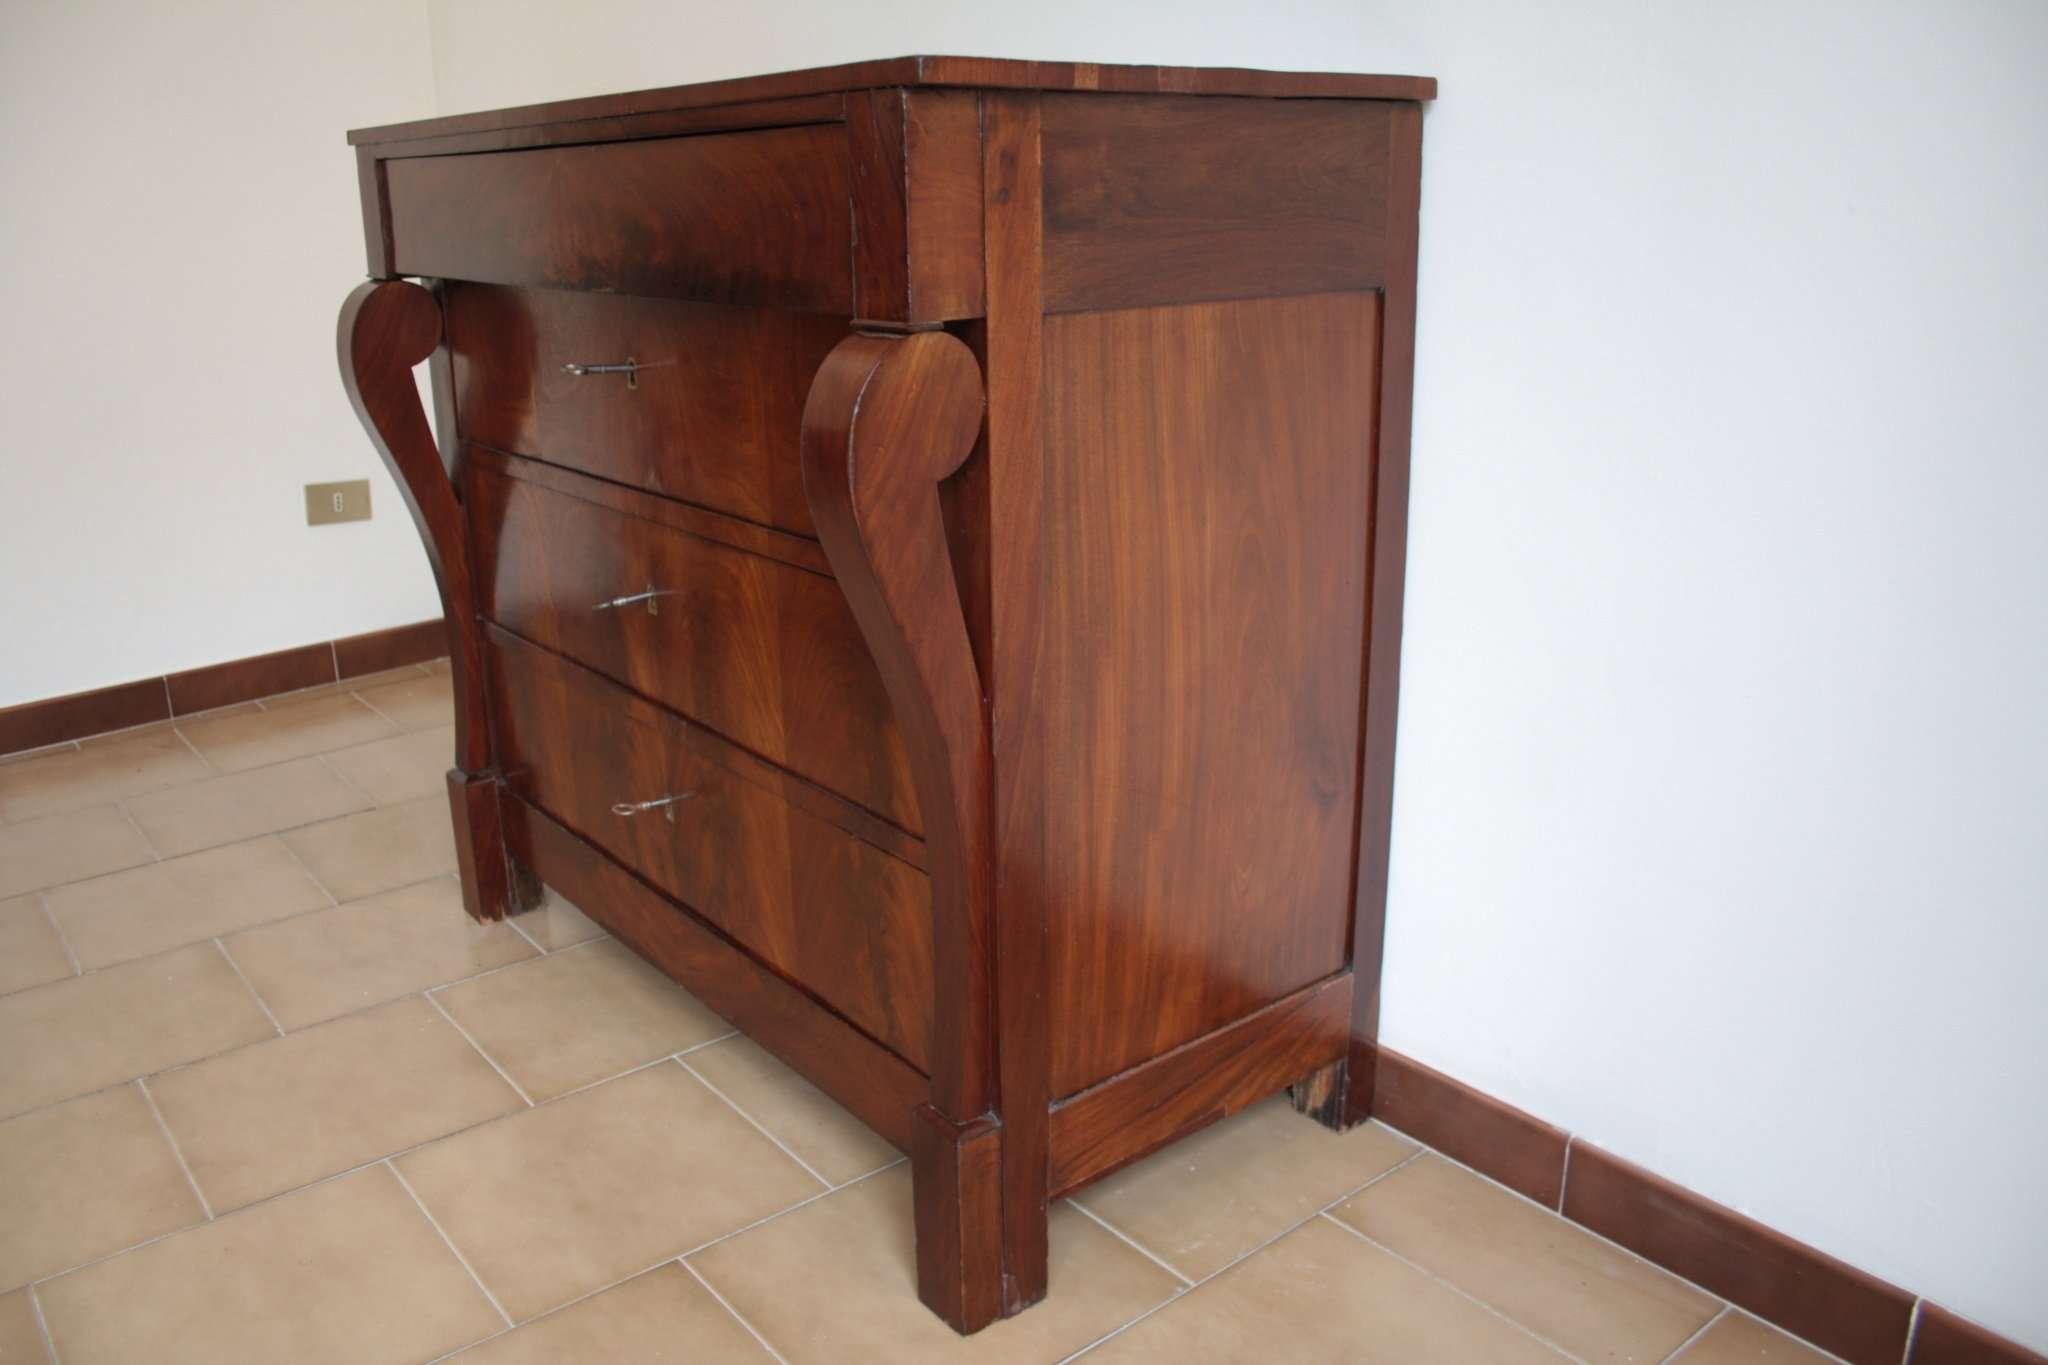 Dresser в стиле Второй империи, в начале двадцатого века, Северная Италия